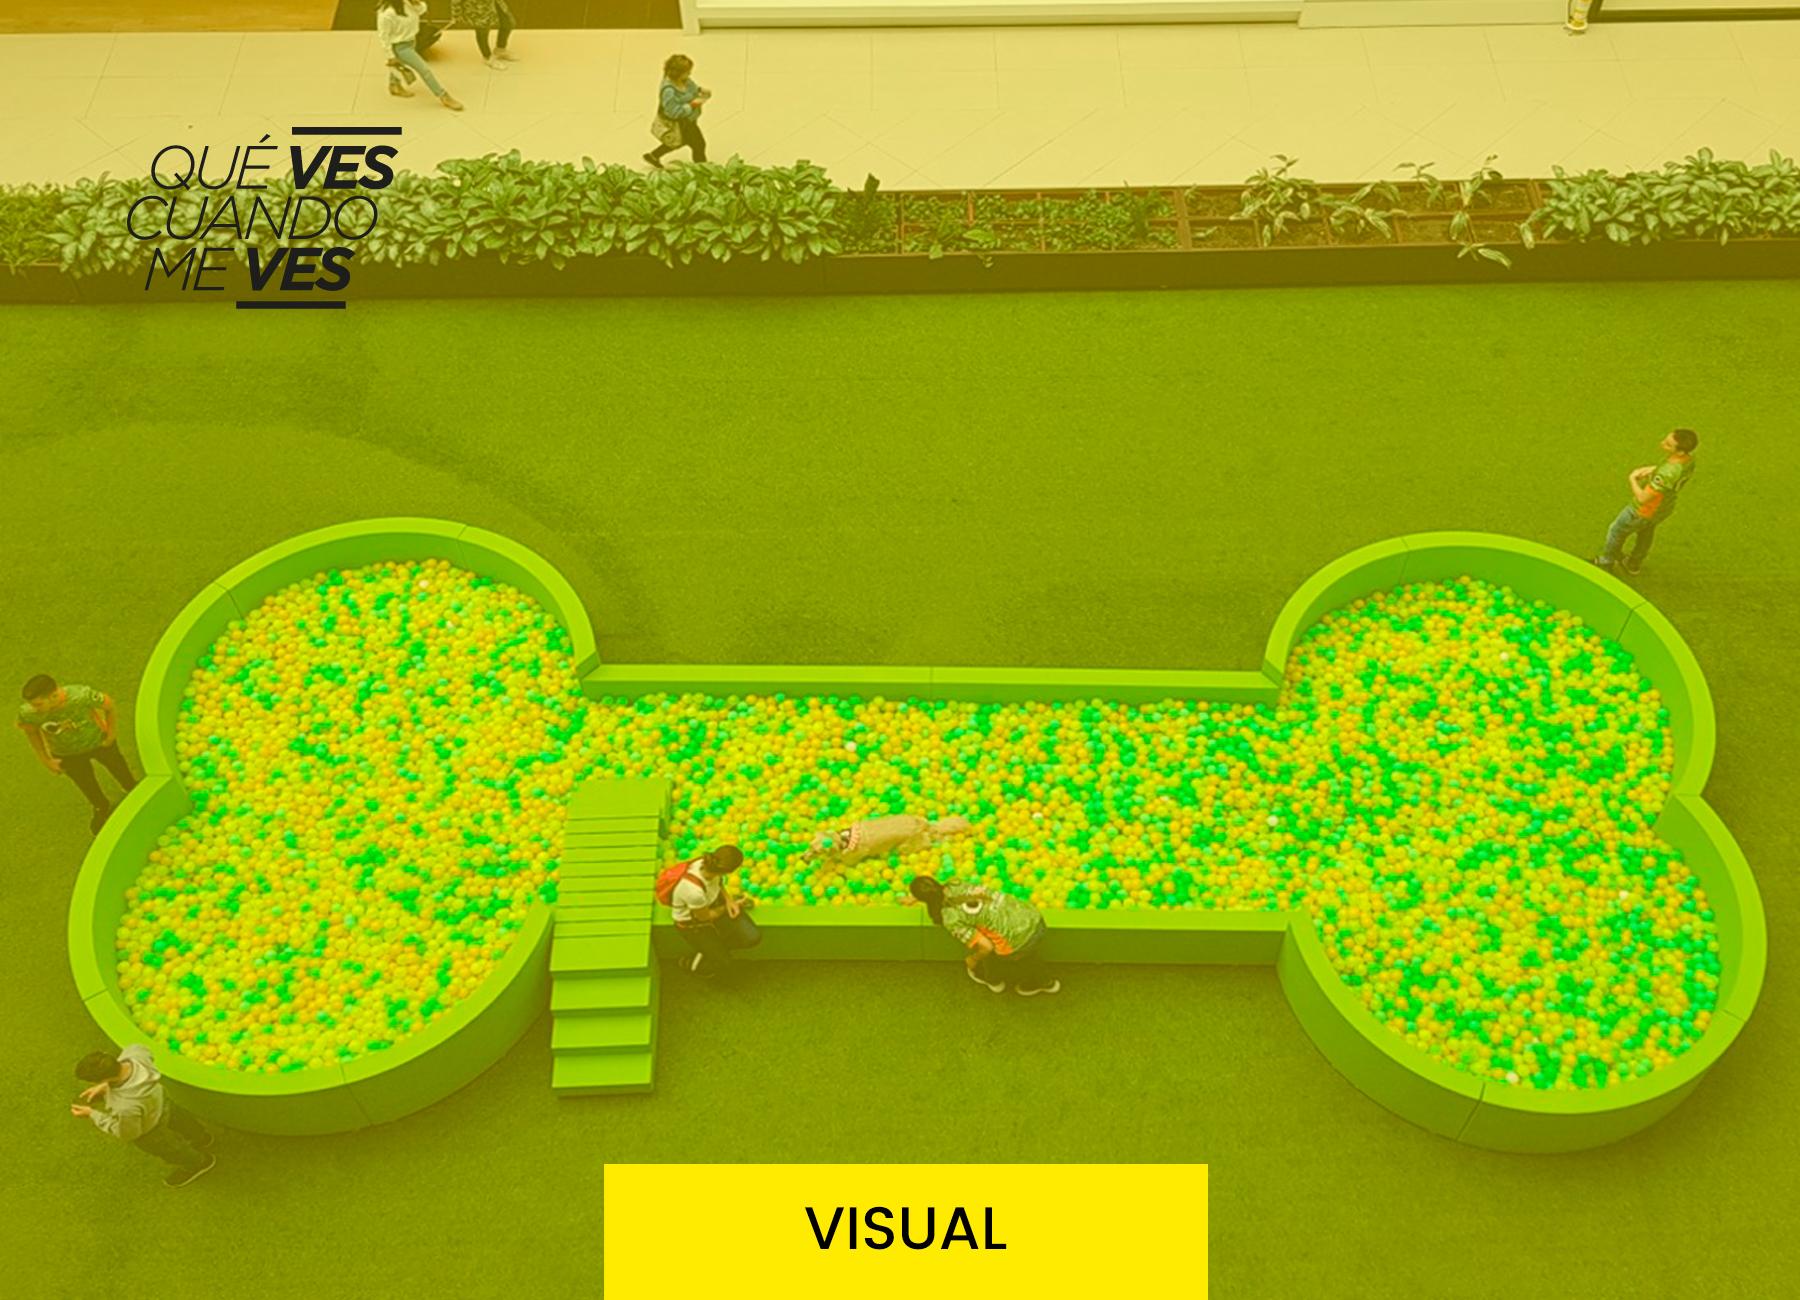 5 tendencias para crear interacción en un espacio comercial. Marcela Seggiaro